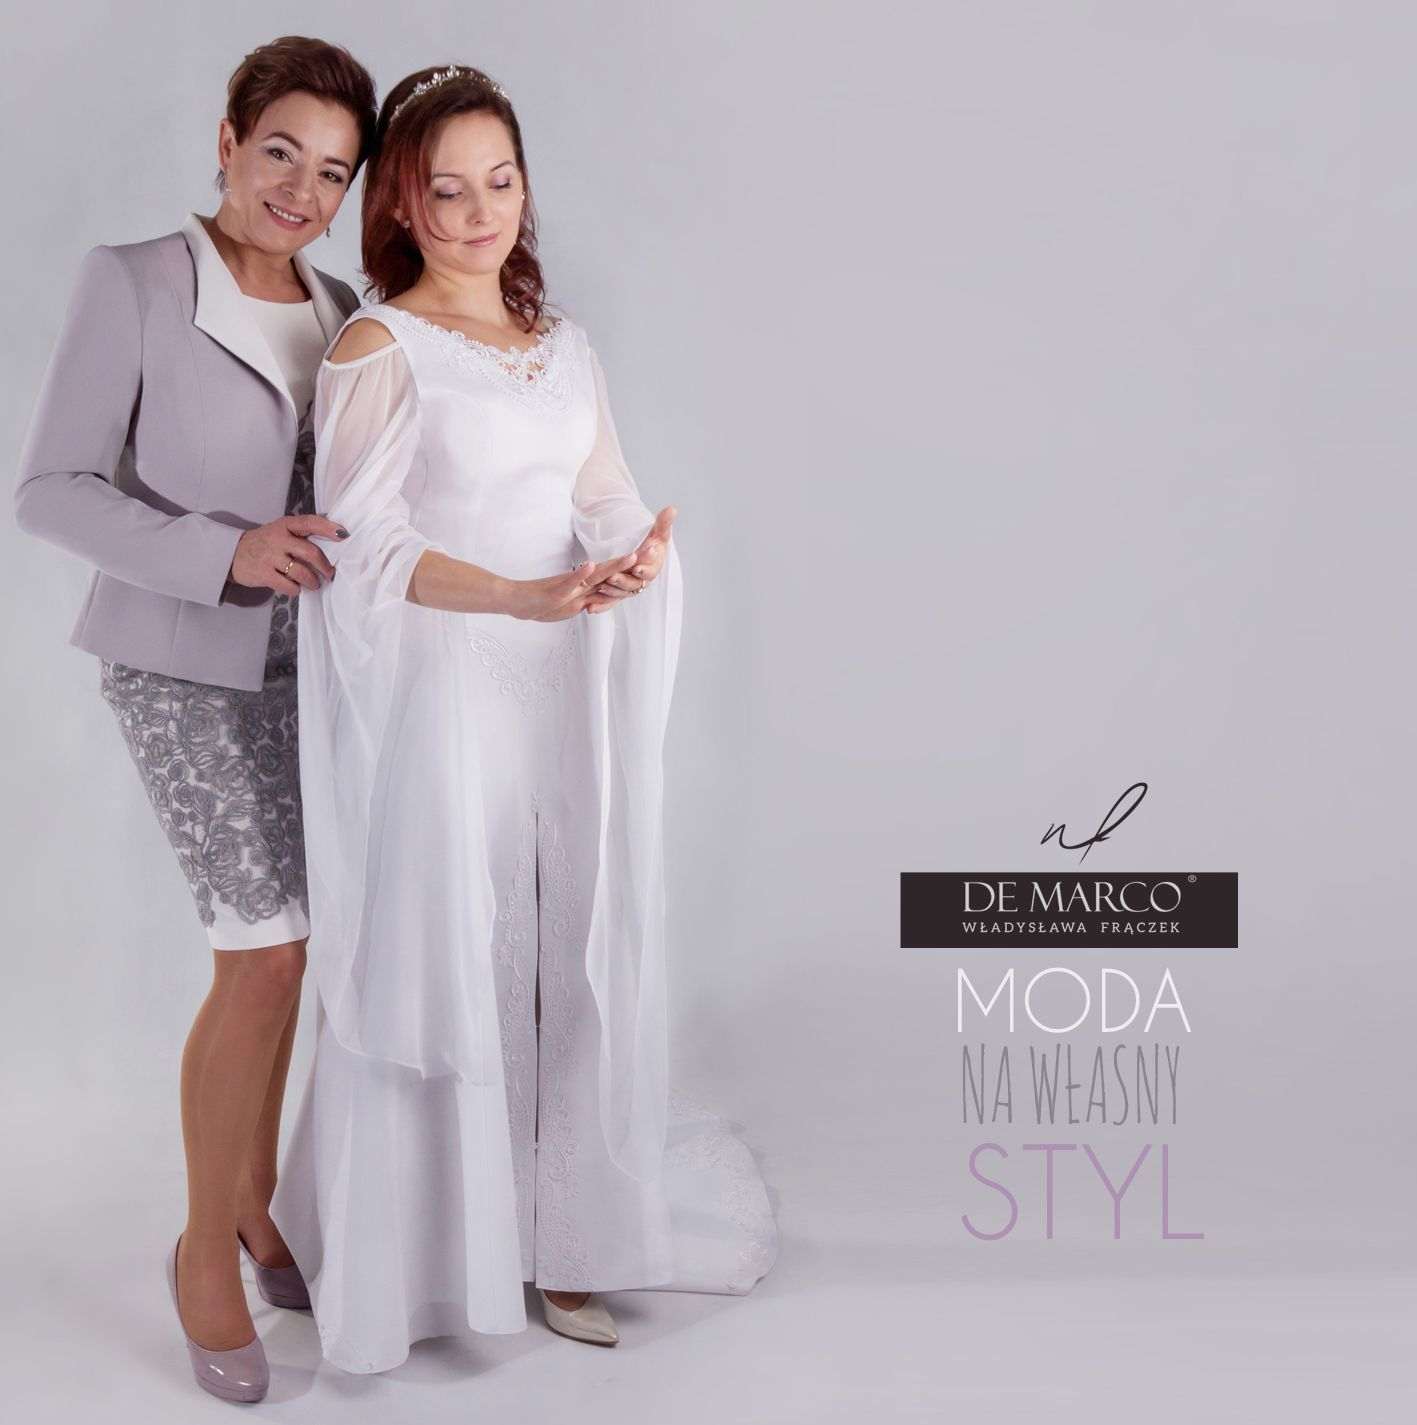 54a32bf0ae eleganckie sukienki dla mamy wesele sklep internetowy